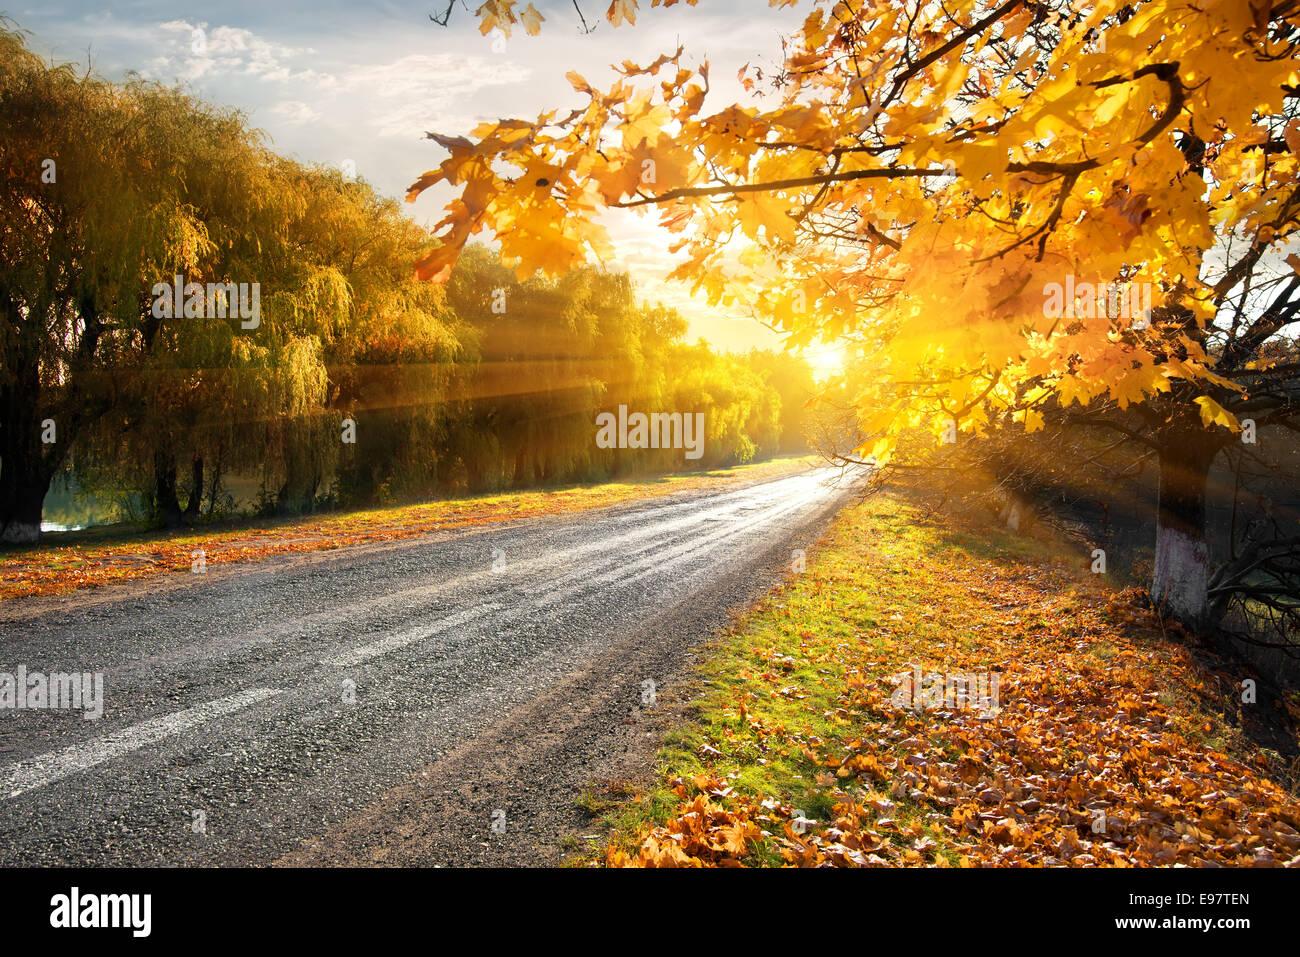 Autoroute à travers la forêt d'automne dans les rayons Photo Stock